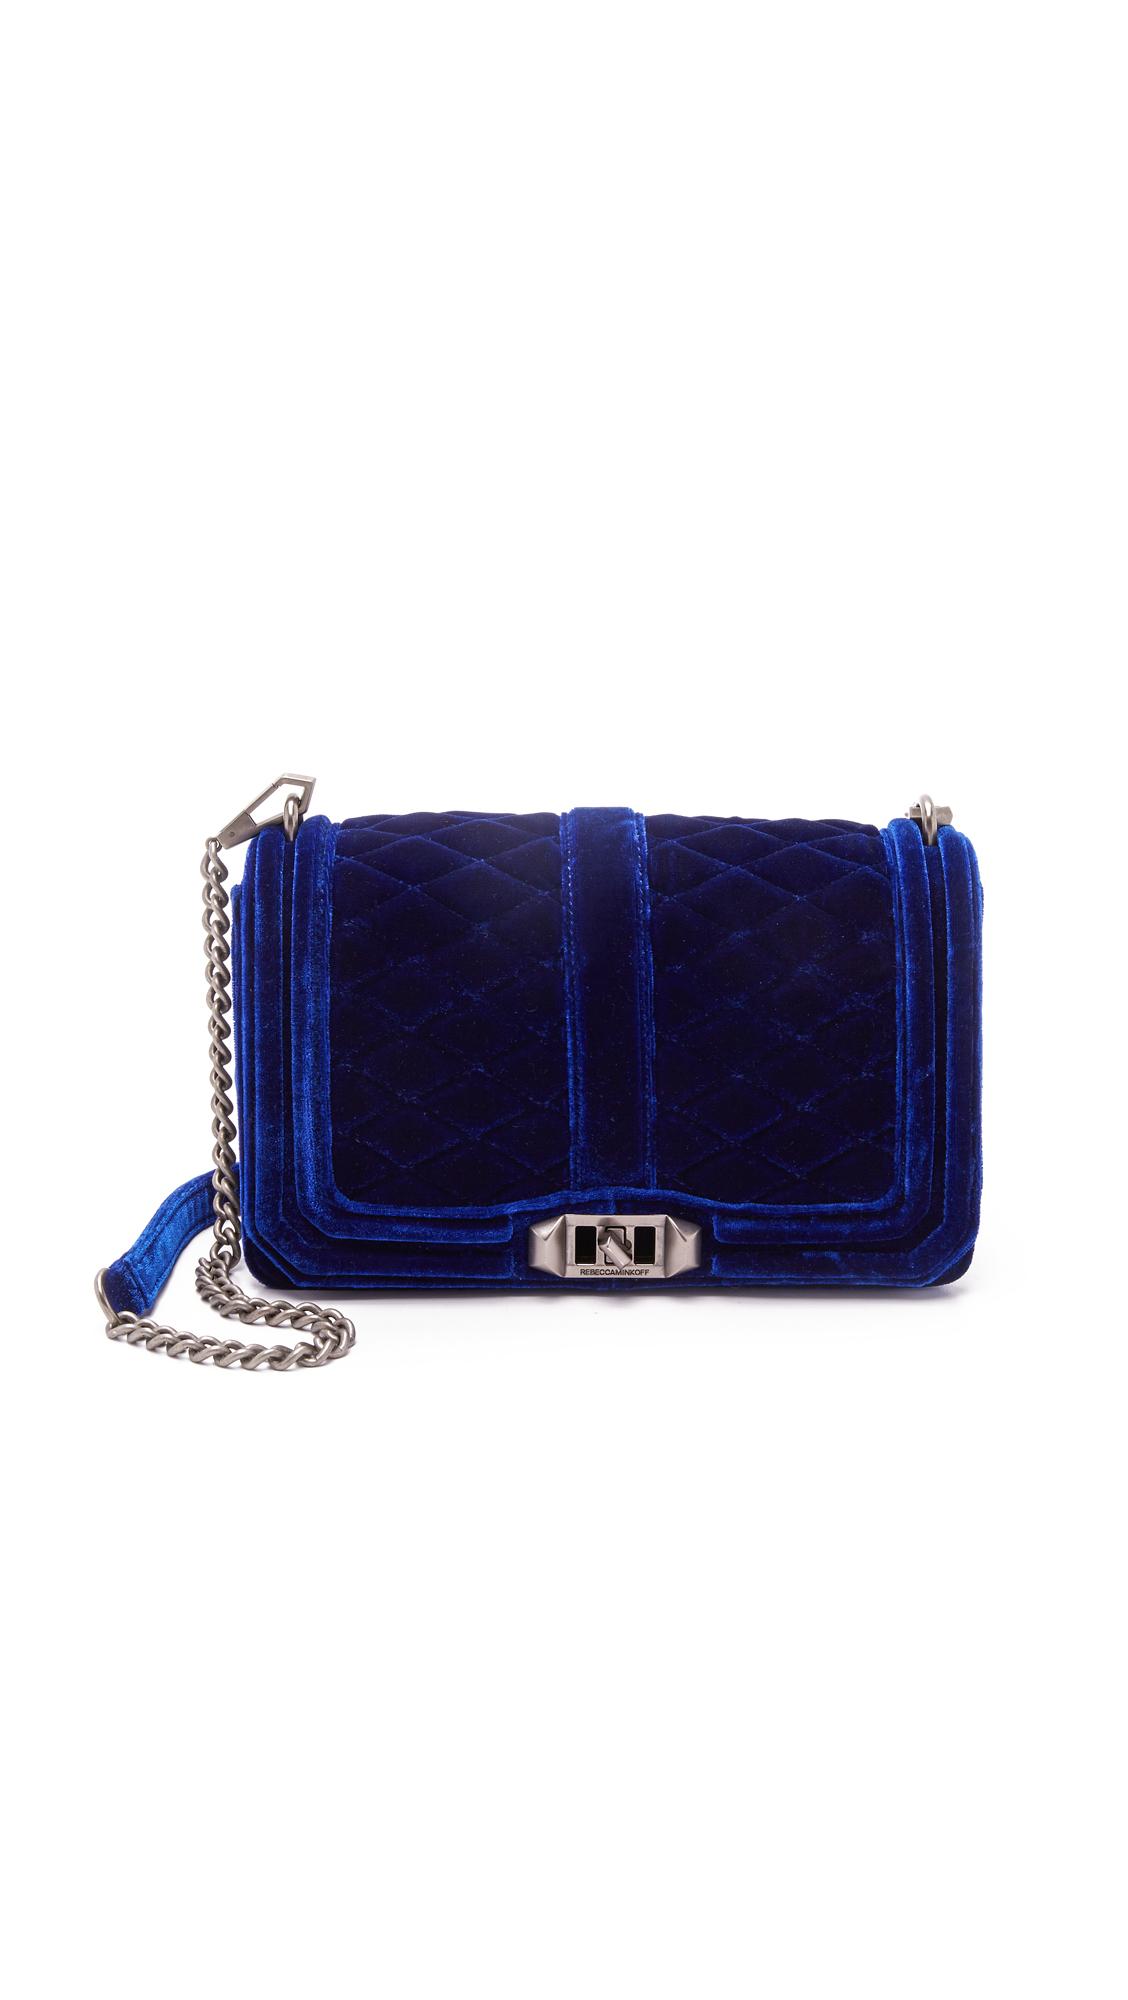 66ae8c4eb858 Lyst - Rebecca Minkoff Velvet Love Cross Body Bag - Sapphire in Blue